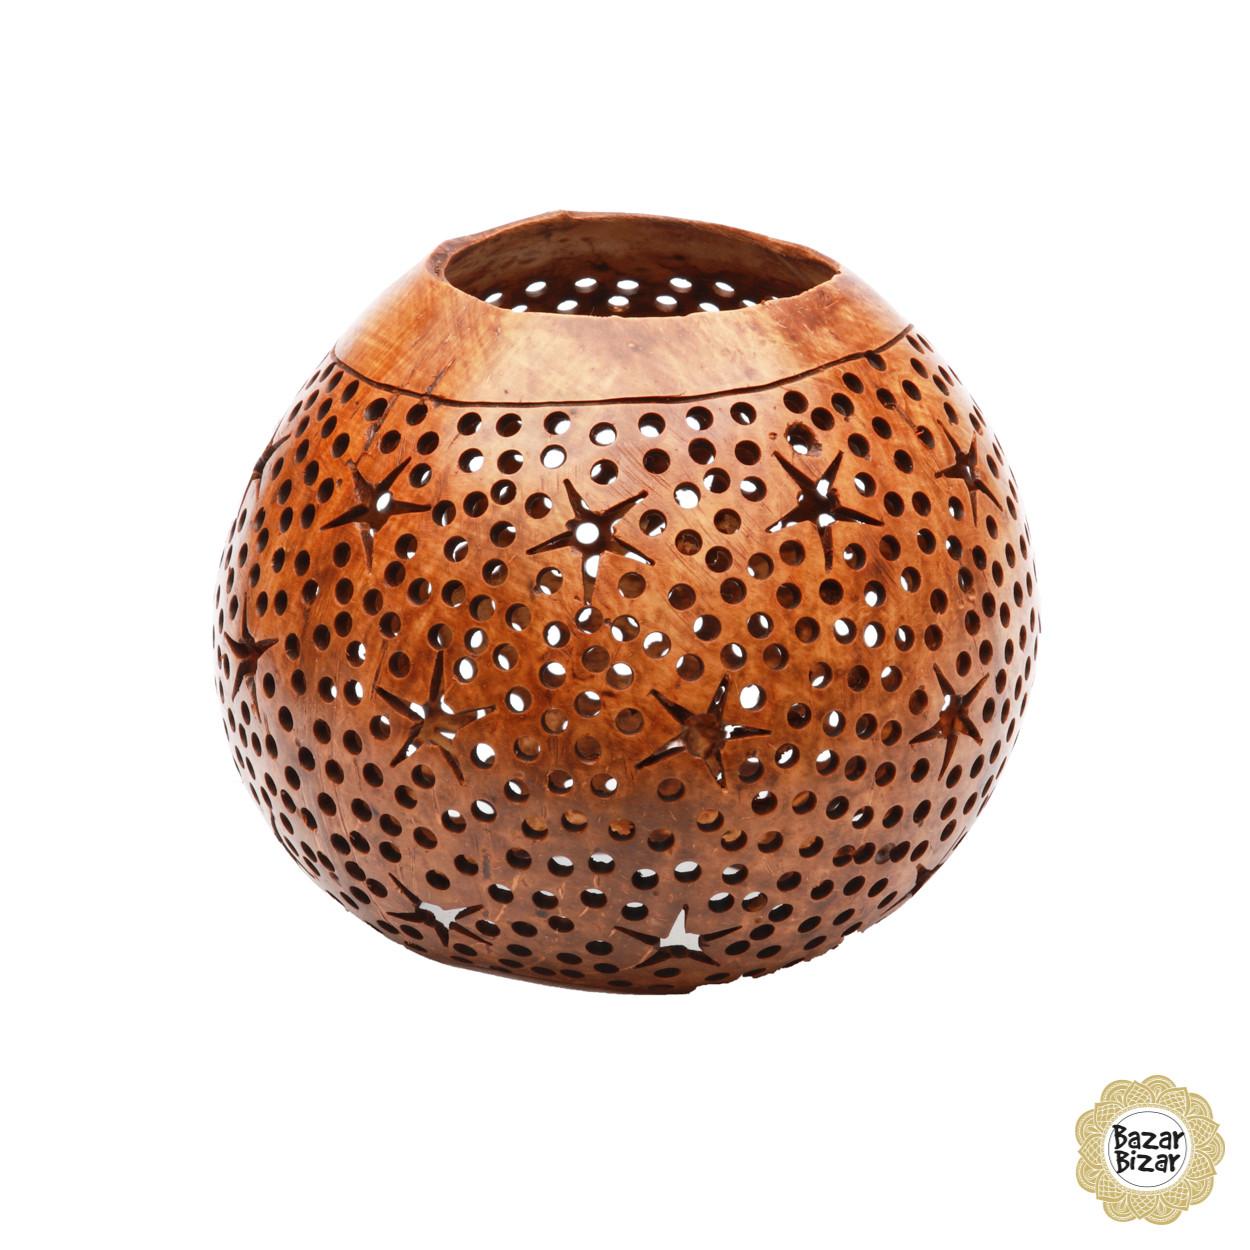 Windlicht van een bewerkte kokosnoot, gepolierd en opgeboende bruine kleur.